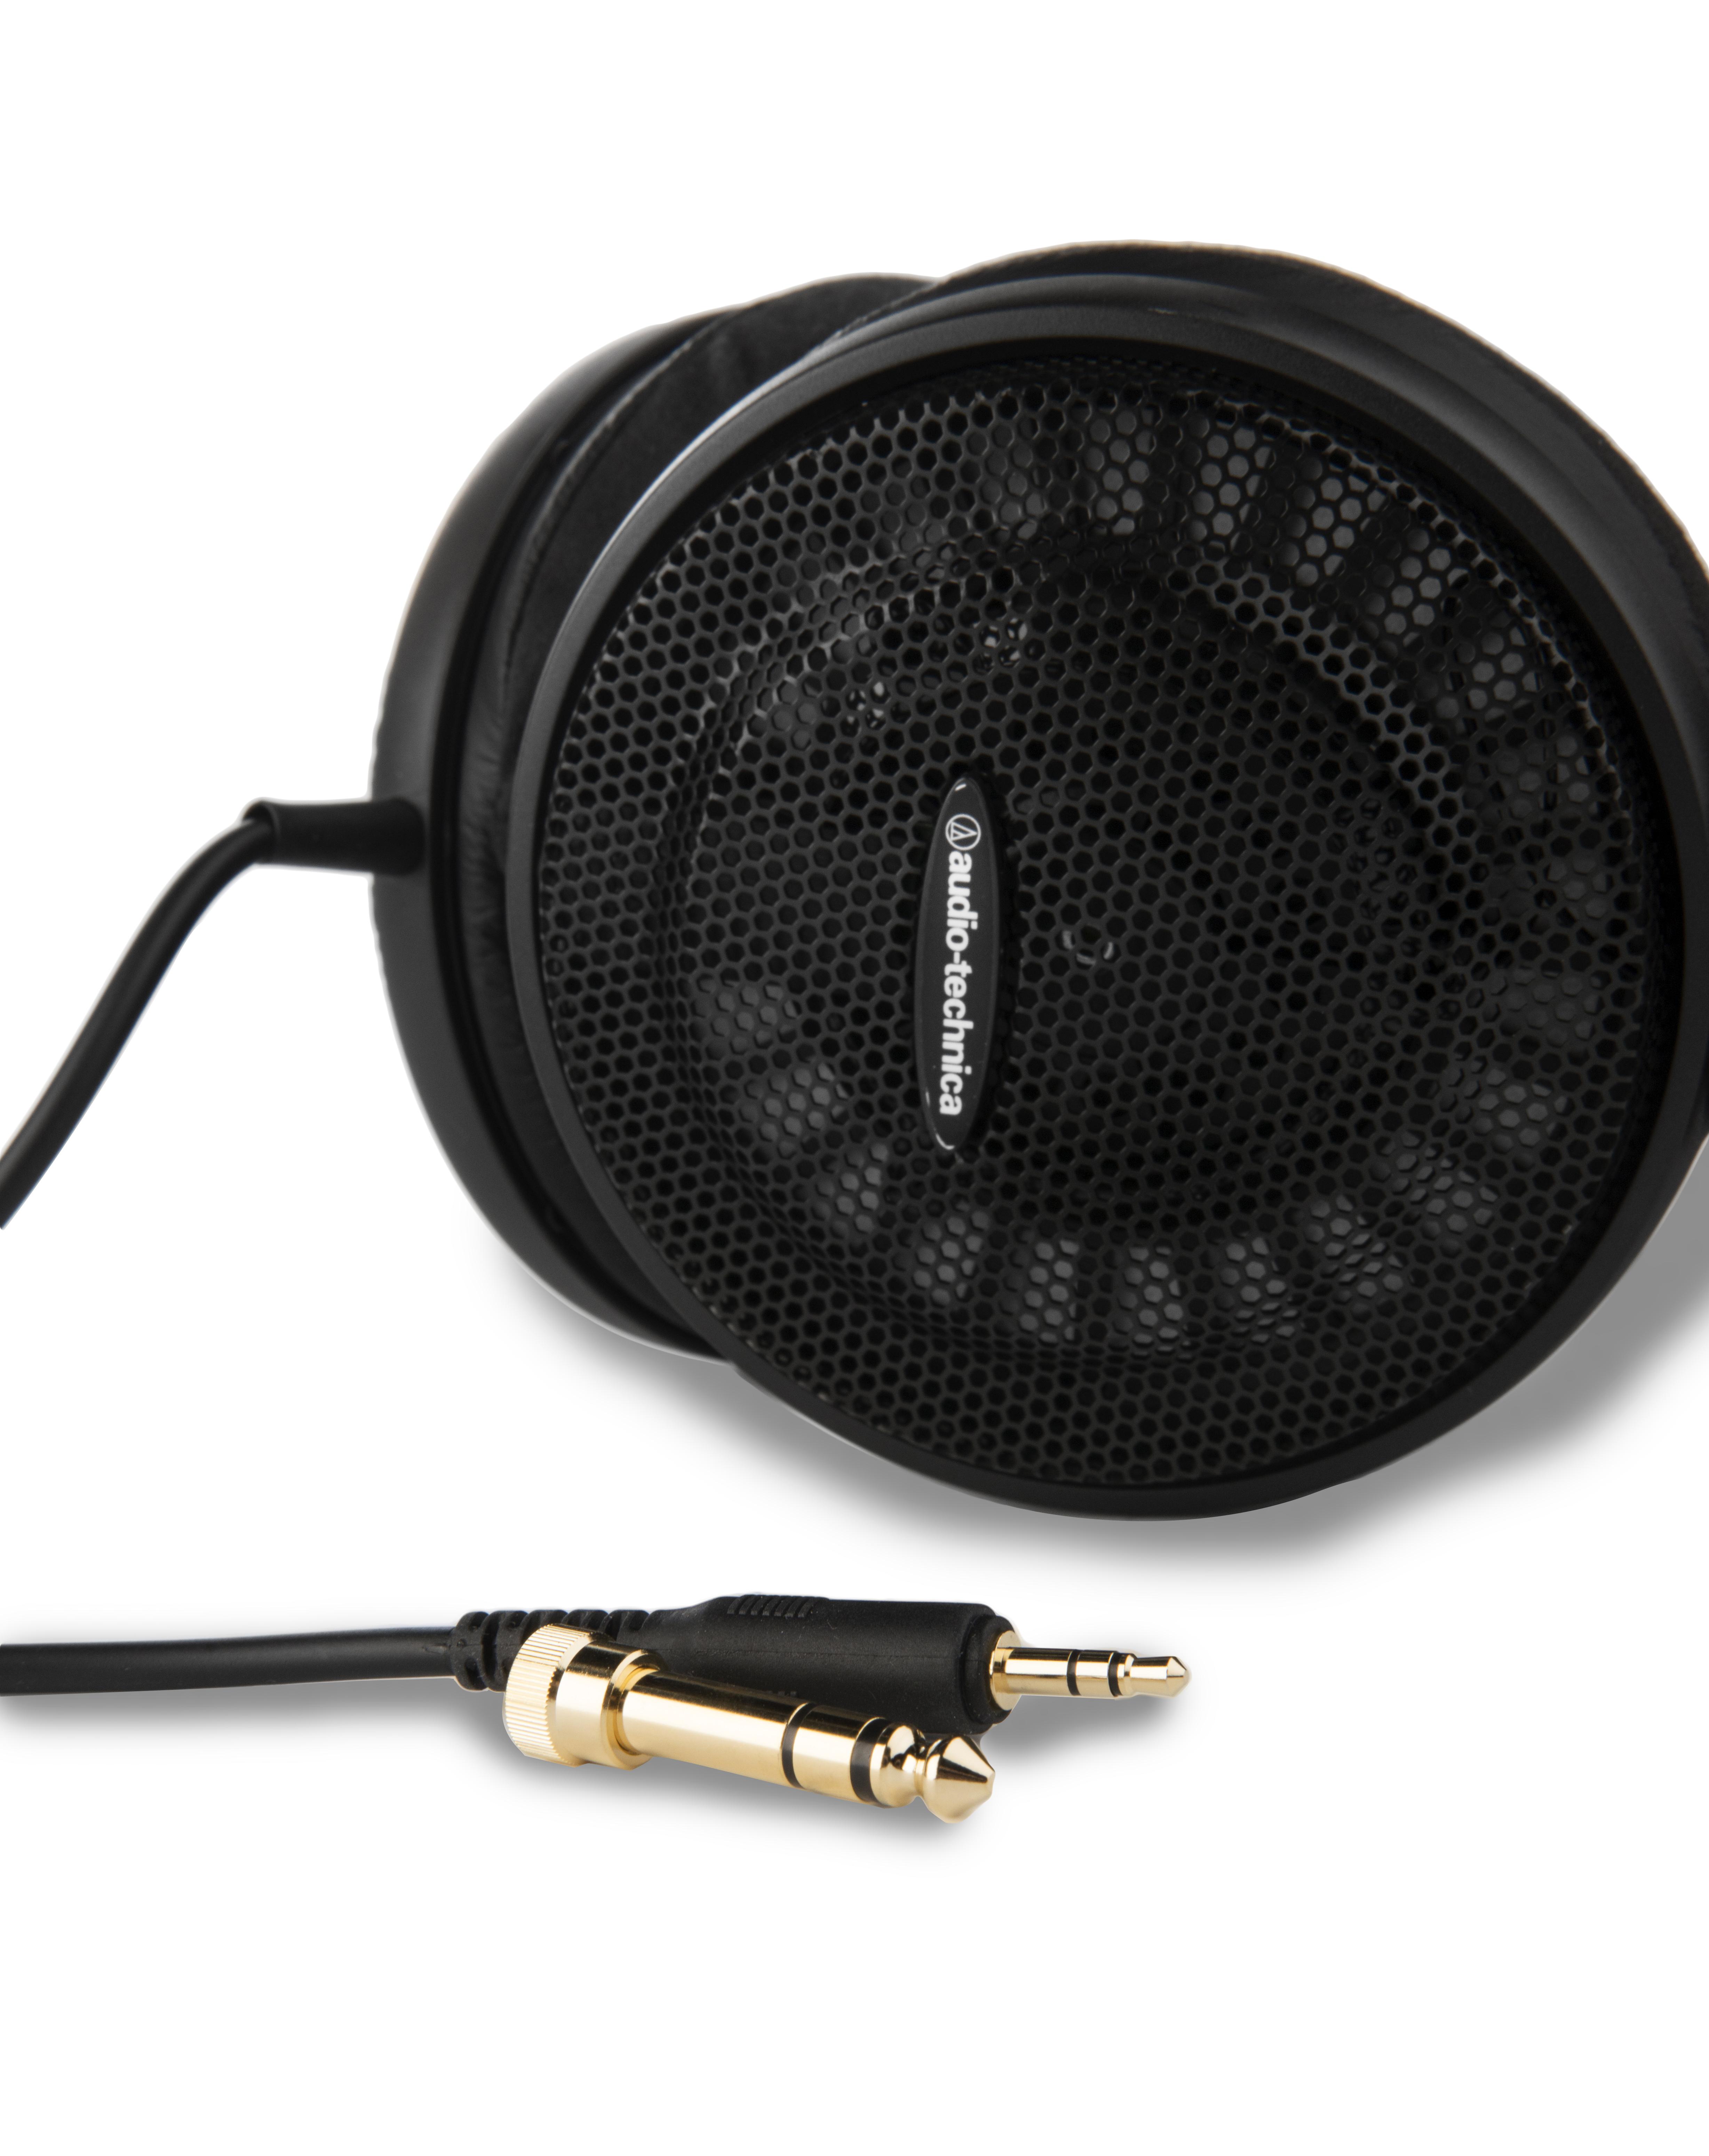 Audio-Technica ATH-AD500X Öppen Hi-Fi-hörlur